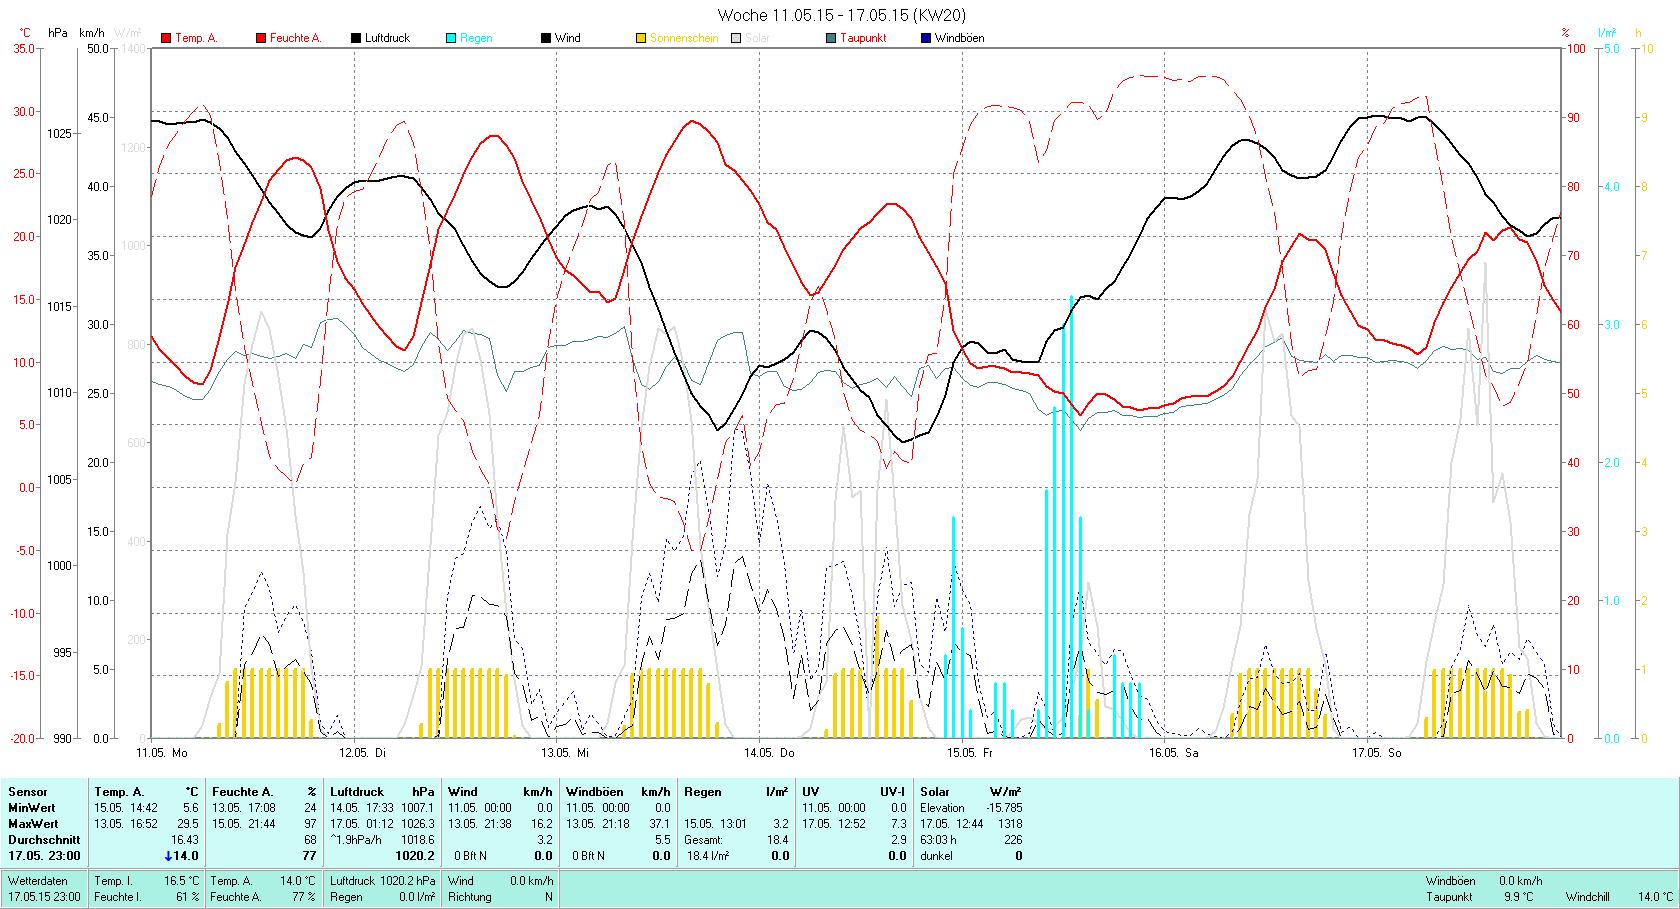 KW 20 Tmin  5.6°C, Tmax 29.5°C, Sonne 63:03h, Niederschlag 18.4mm/2